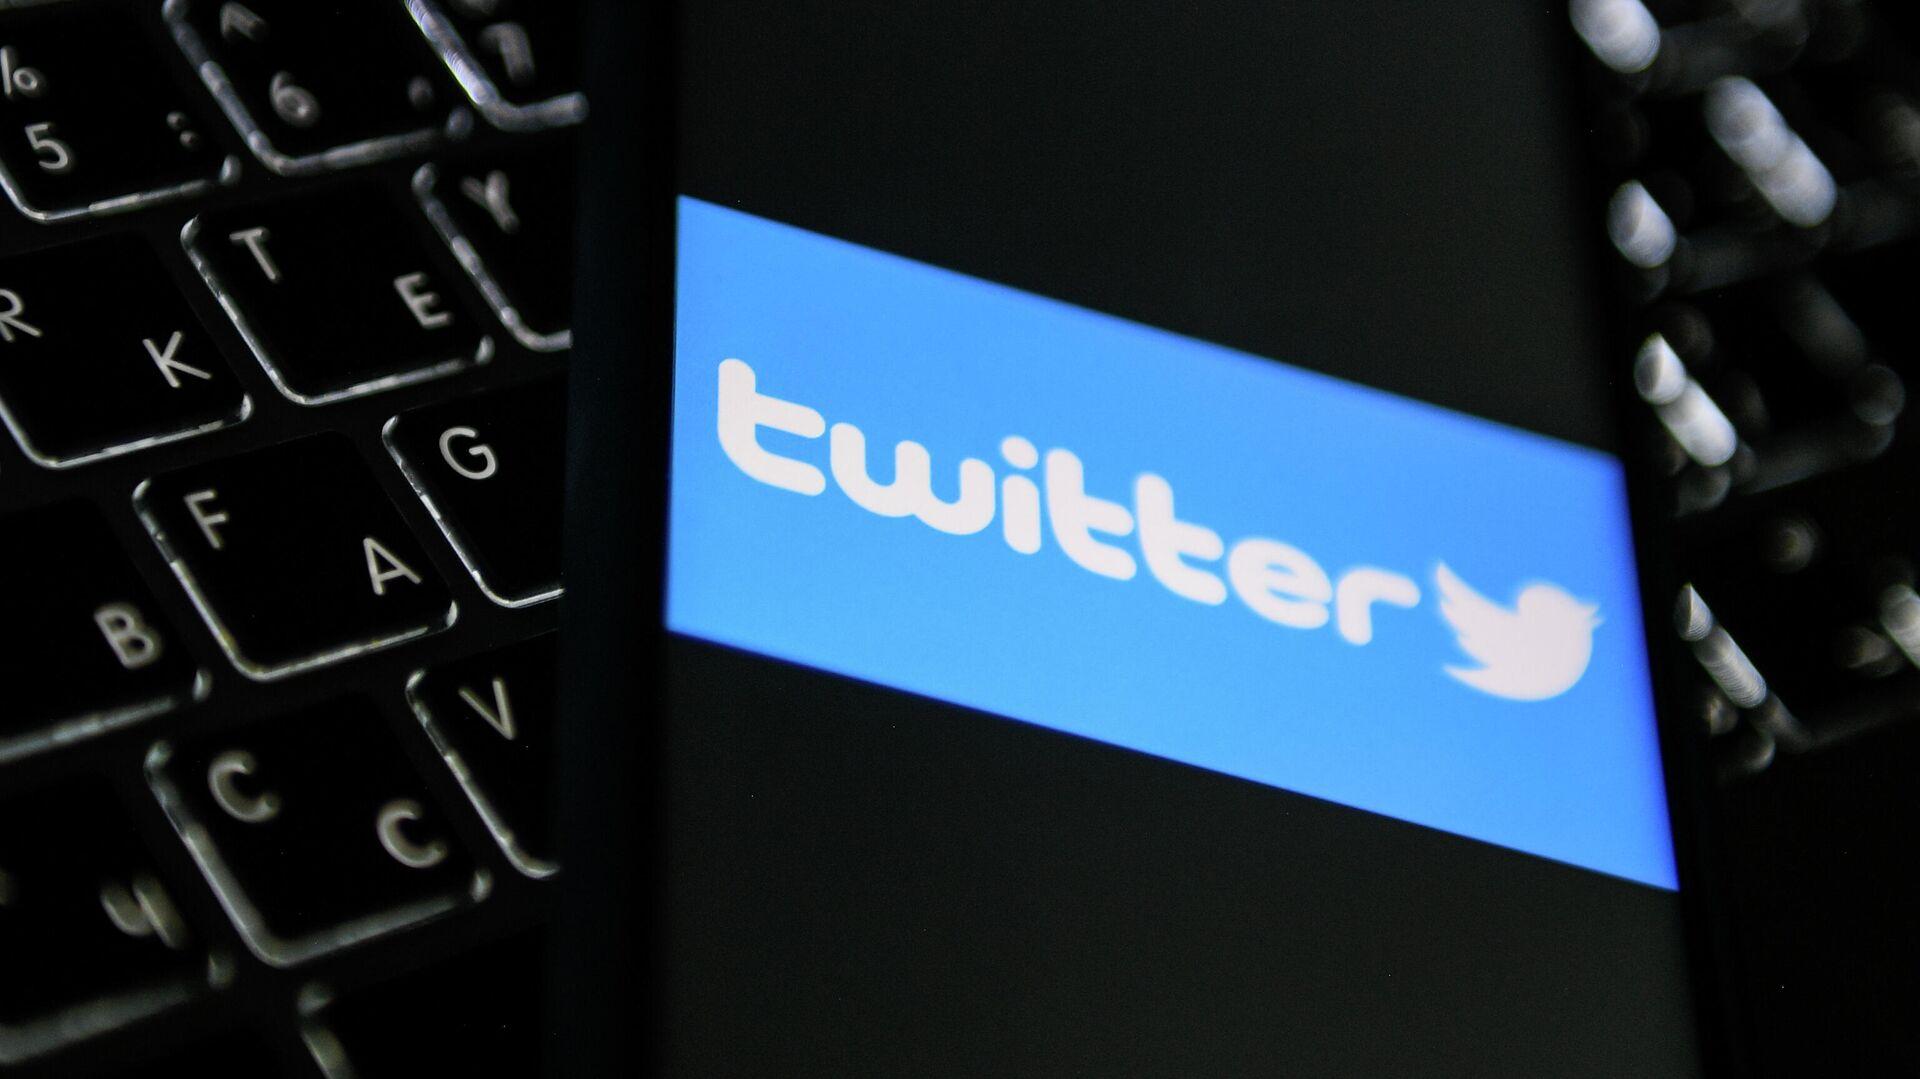 Пользователи Twitter в Японии и США сообщили о сбоях в работе соцсети